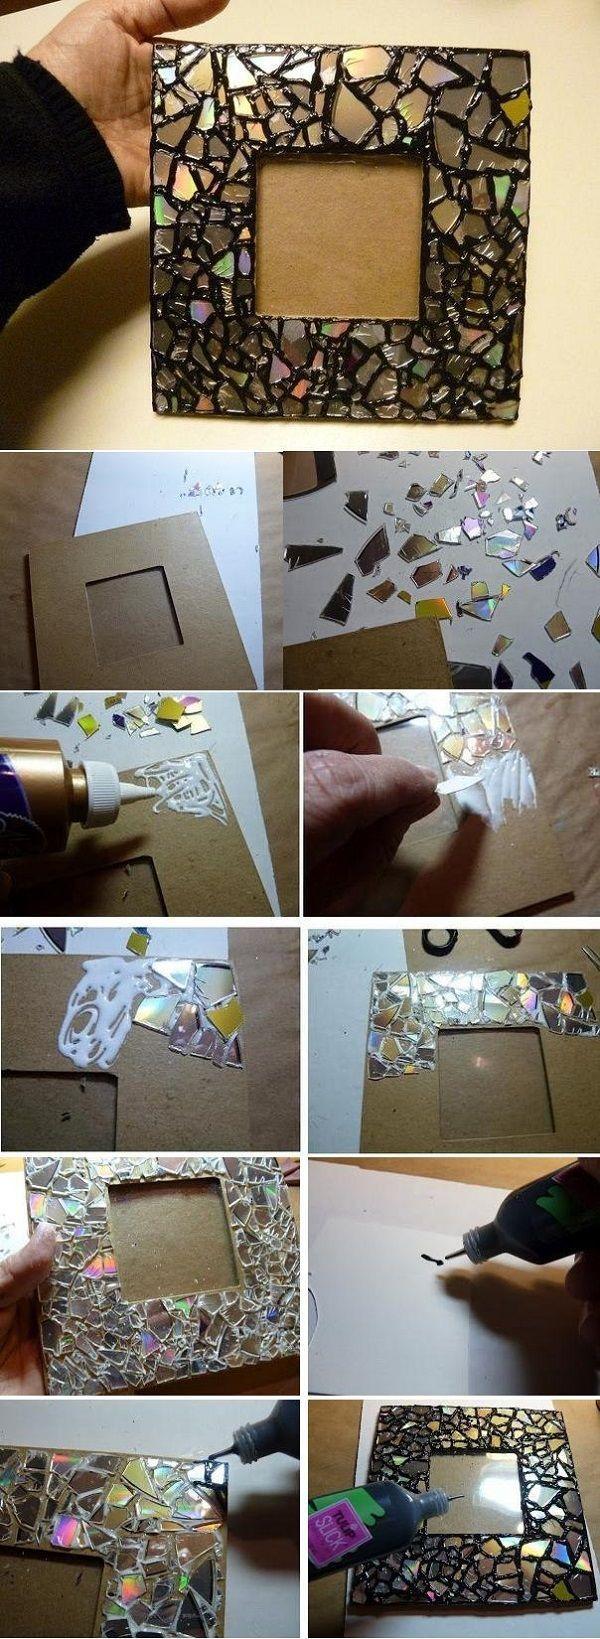 Un cadre photo simple + de la colle + un CD préalablement brisé en plusieurs morceaux = un cadre photo unique